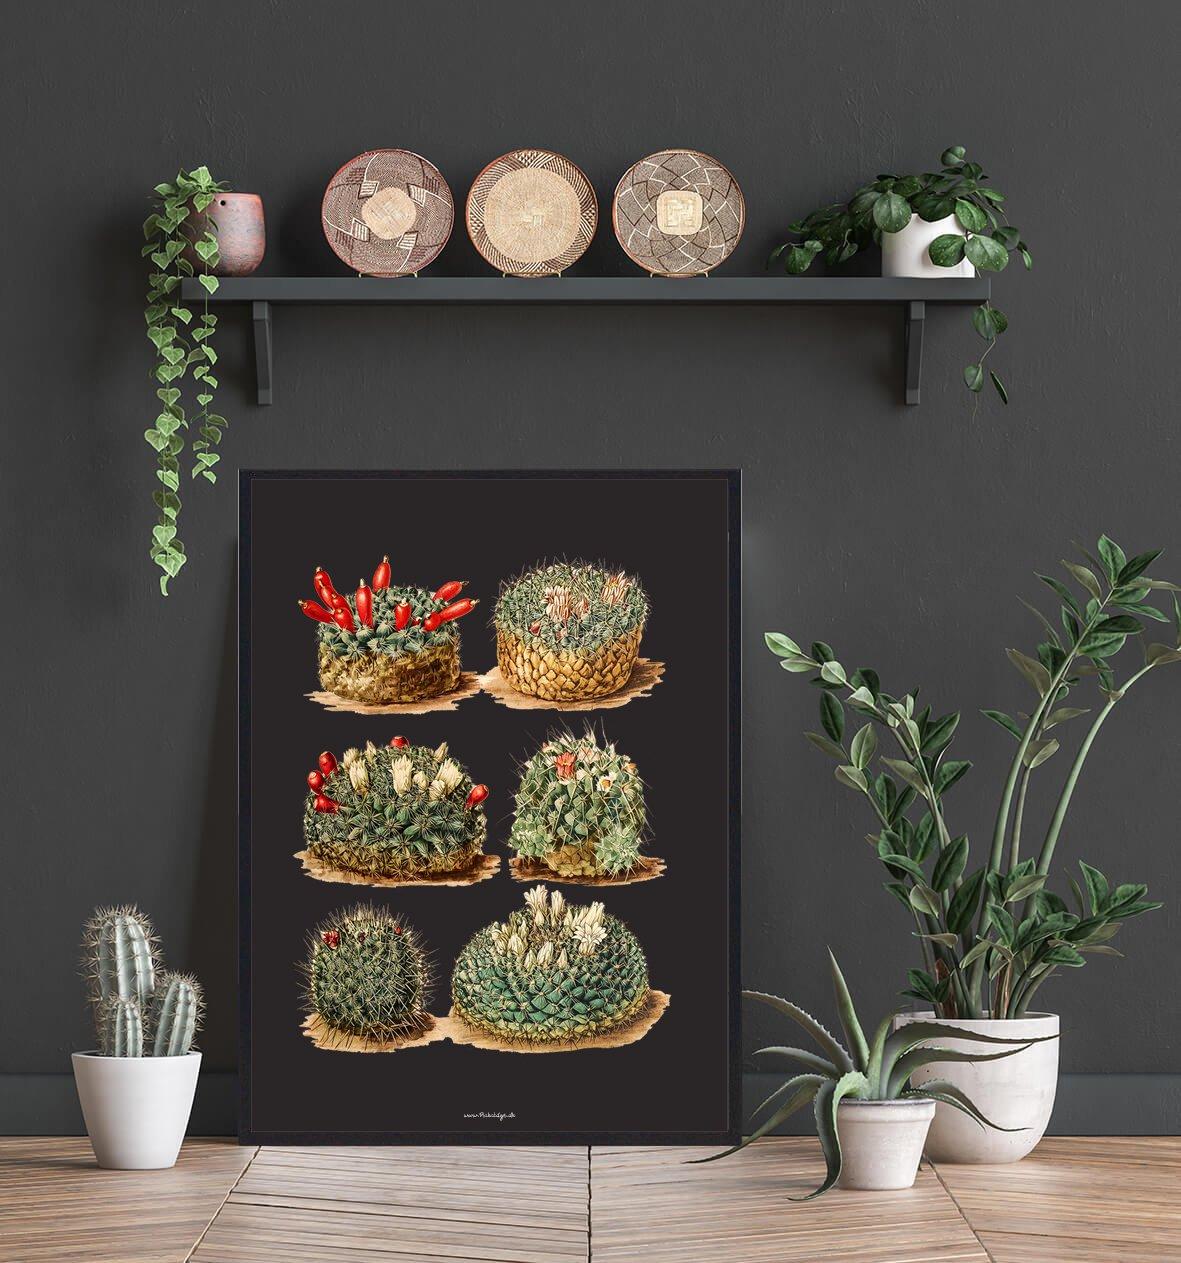 kaktus-diverse-bolig-2